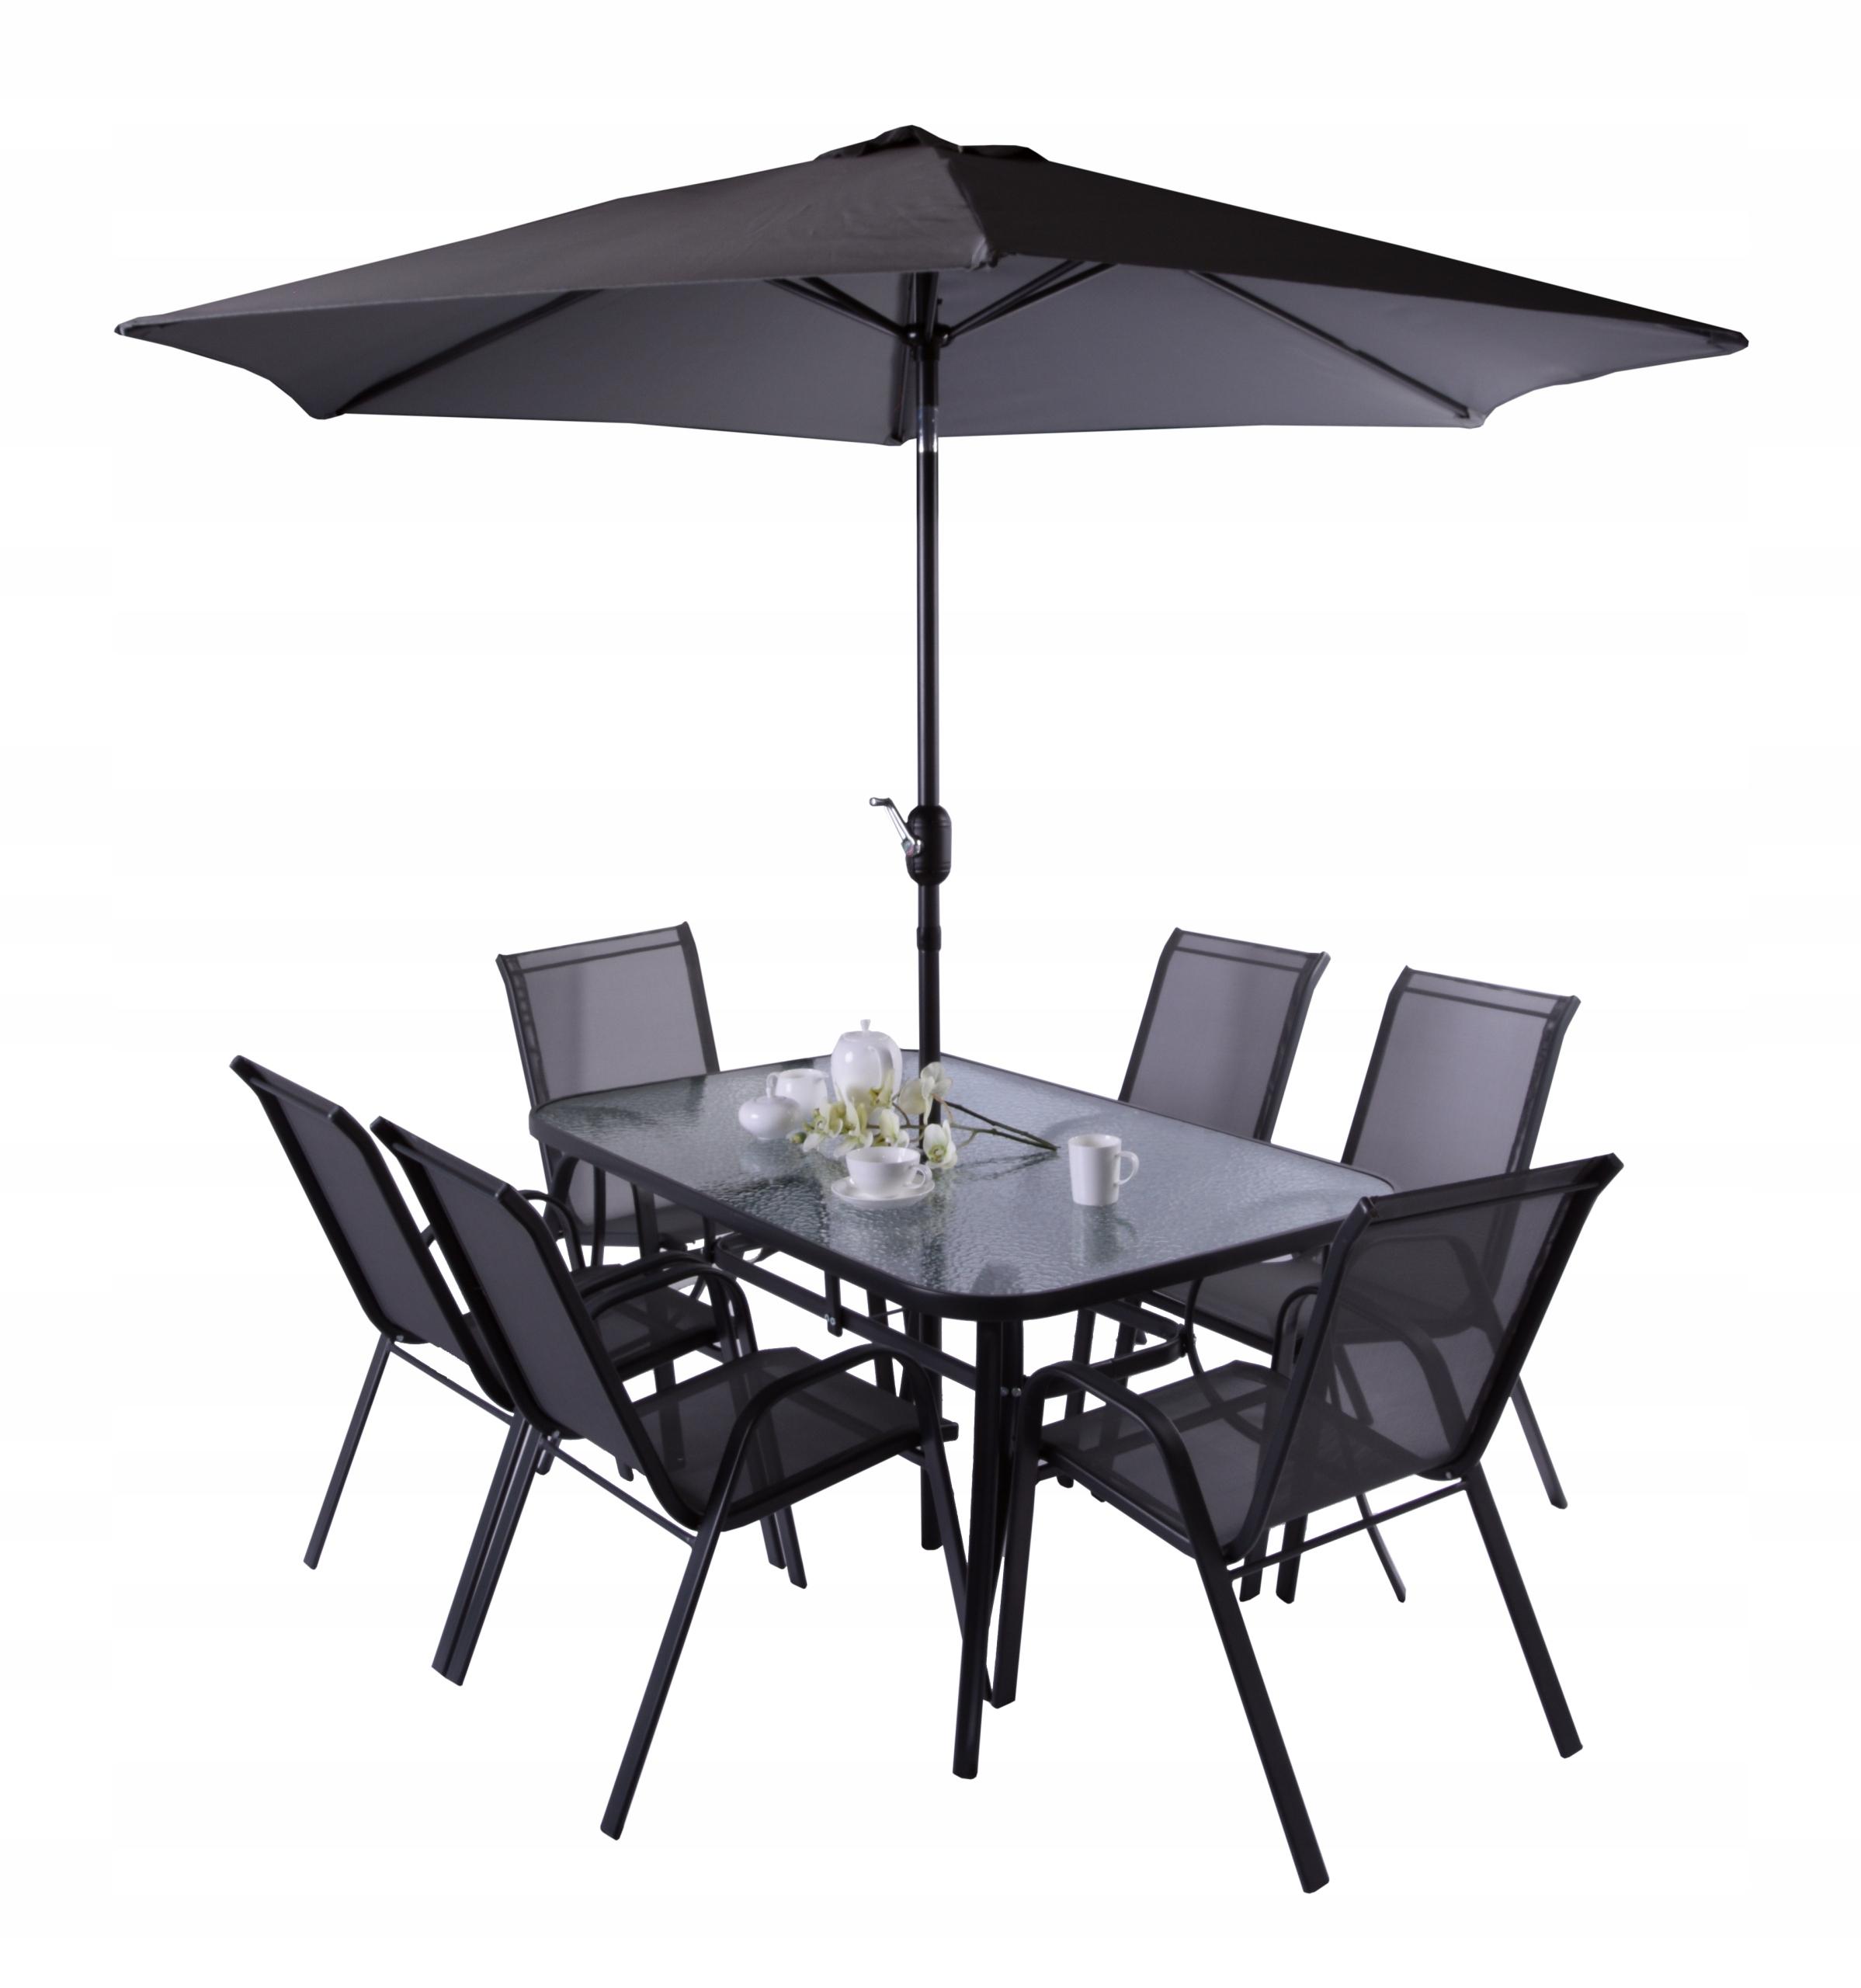 Meble ogrodowe stół 6 krzeseł antracyt parasol